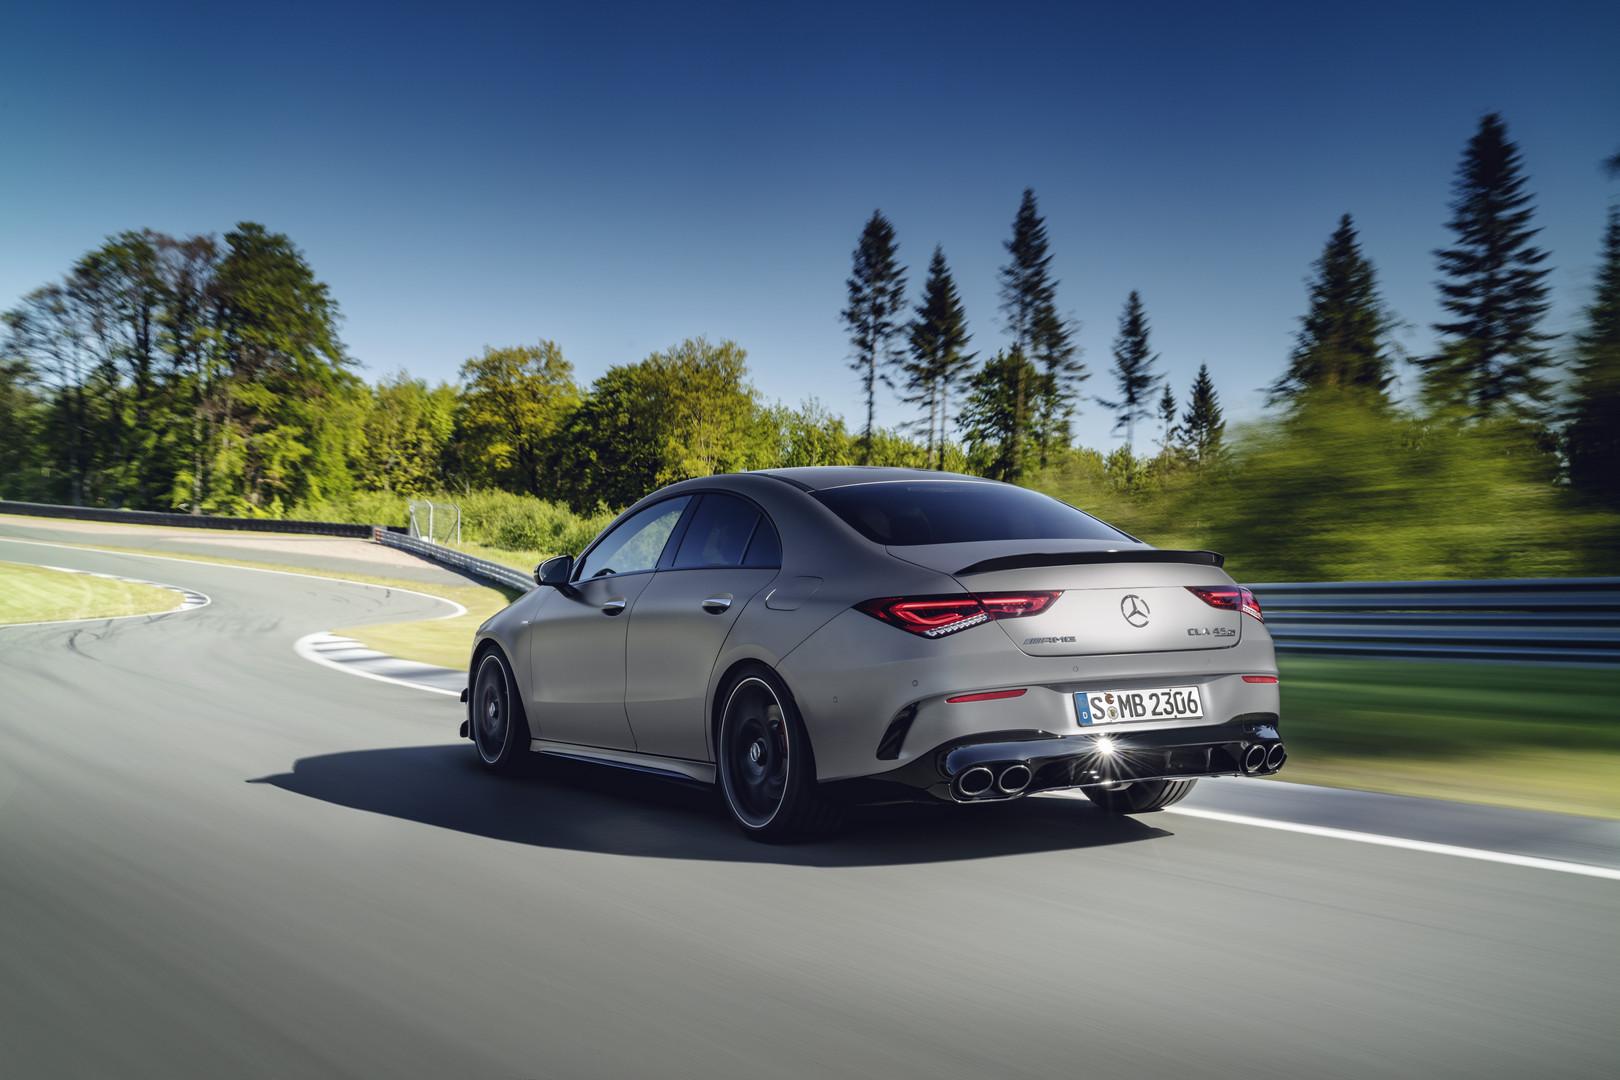 Grey Mercedes-AMG CLA 45 S